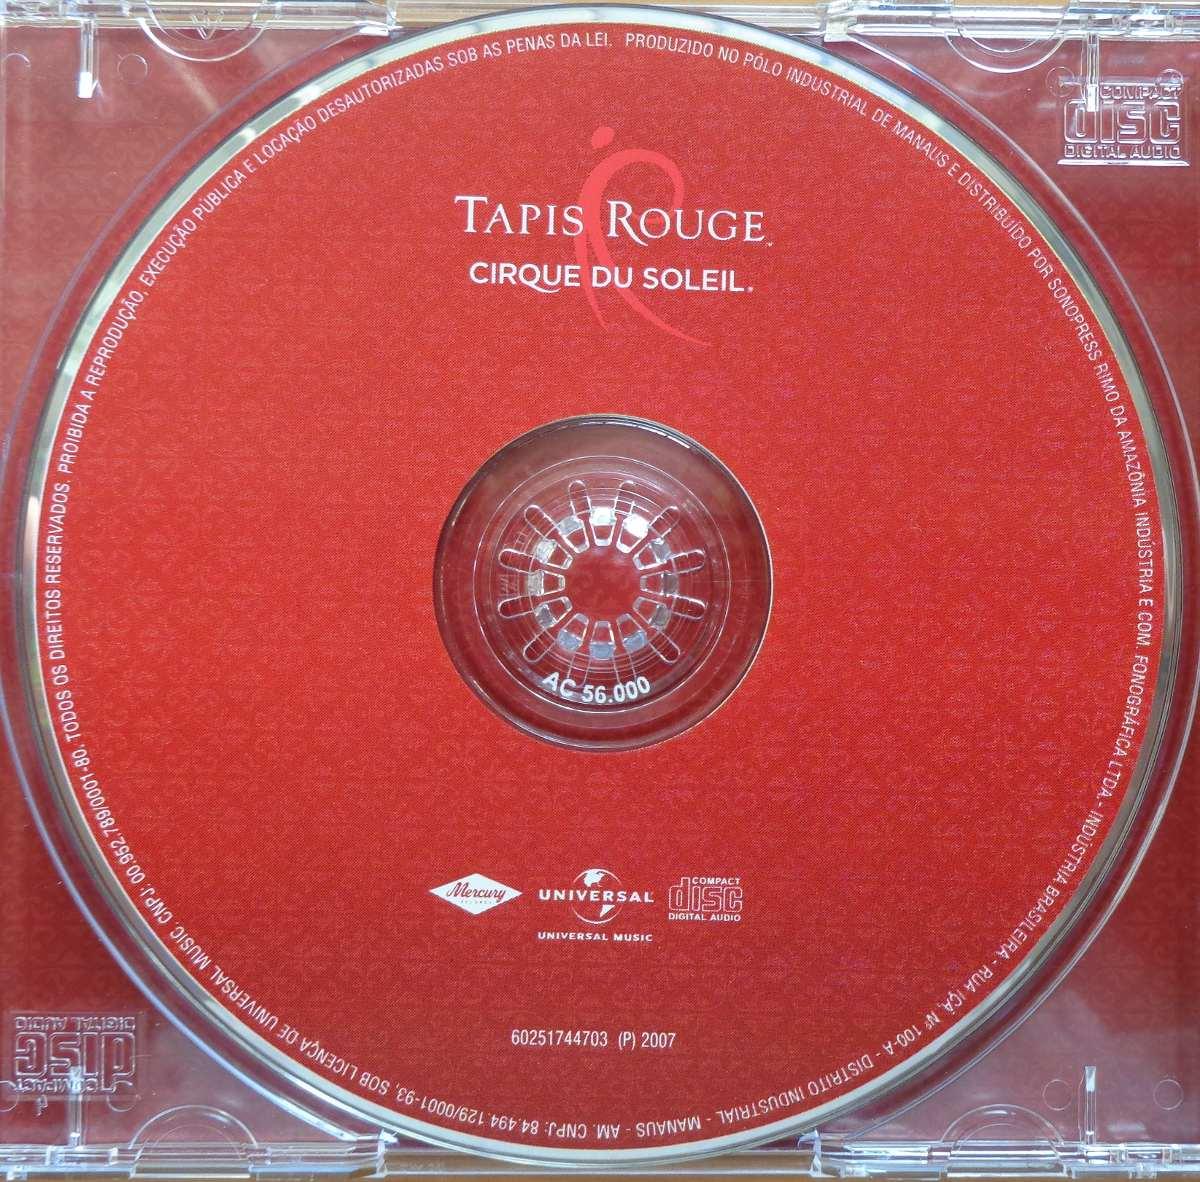 cirque du soleil cd nacional usado tapis 2007 r 25 00 em mercado livre